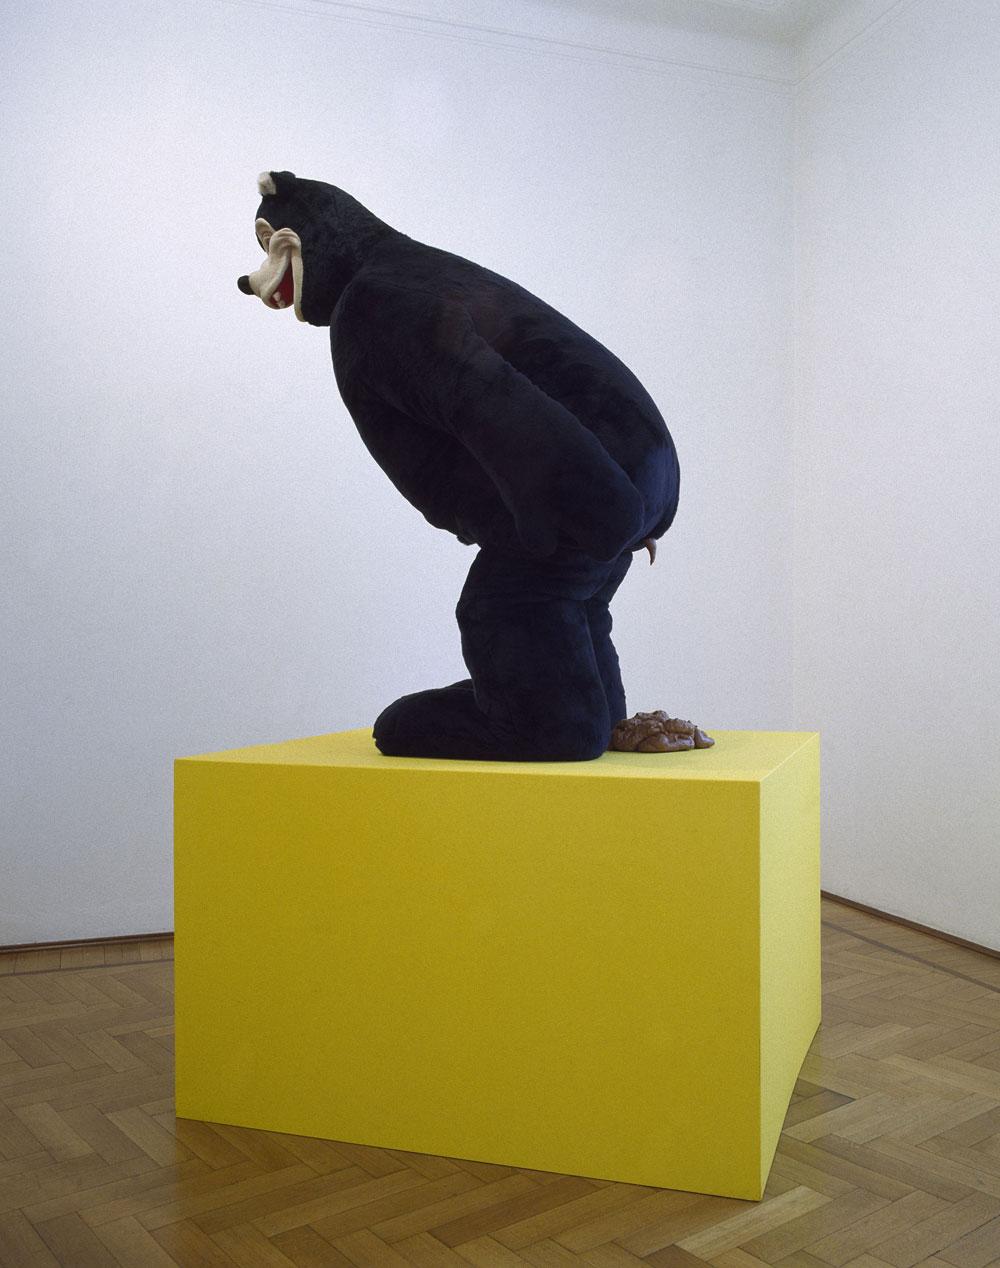 La rivoluzione siamo noi. A Piacenza oltre 150 opere dei più grandi artisti contemporanei